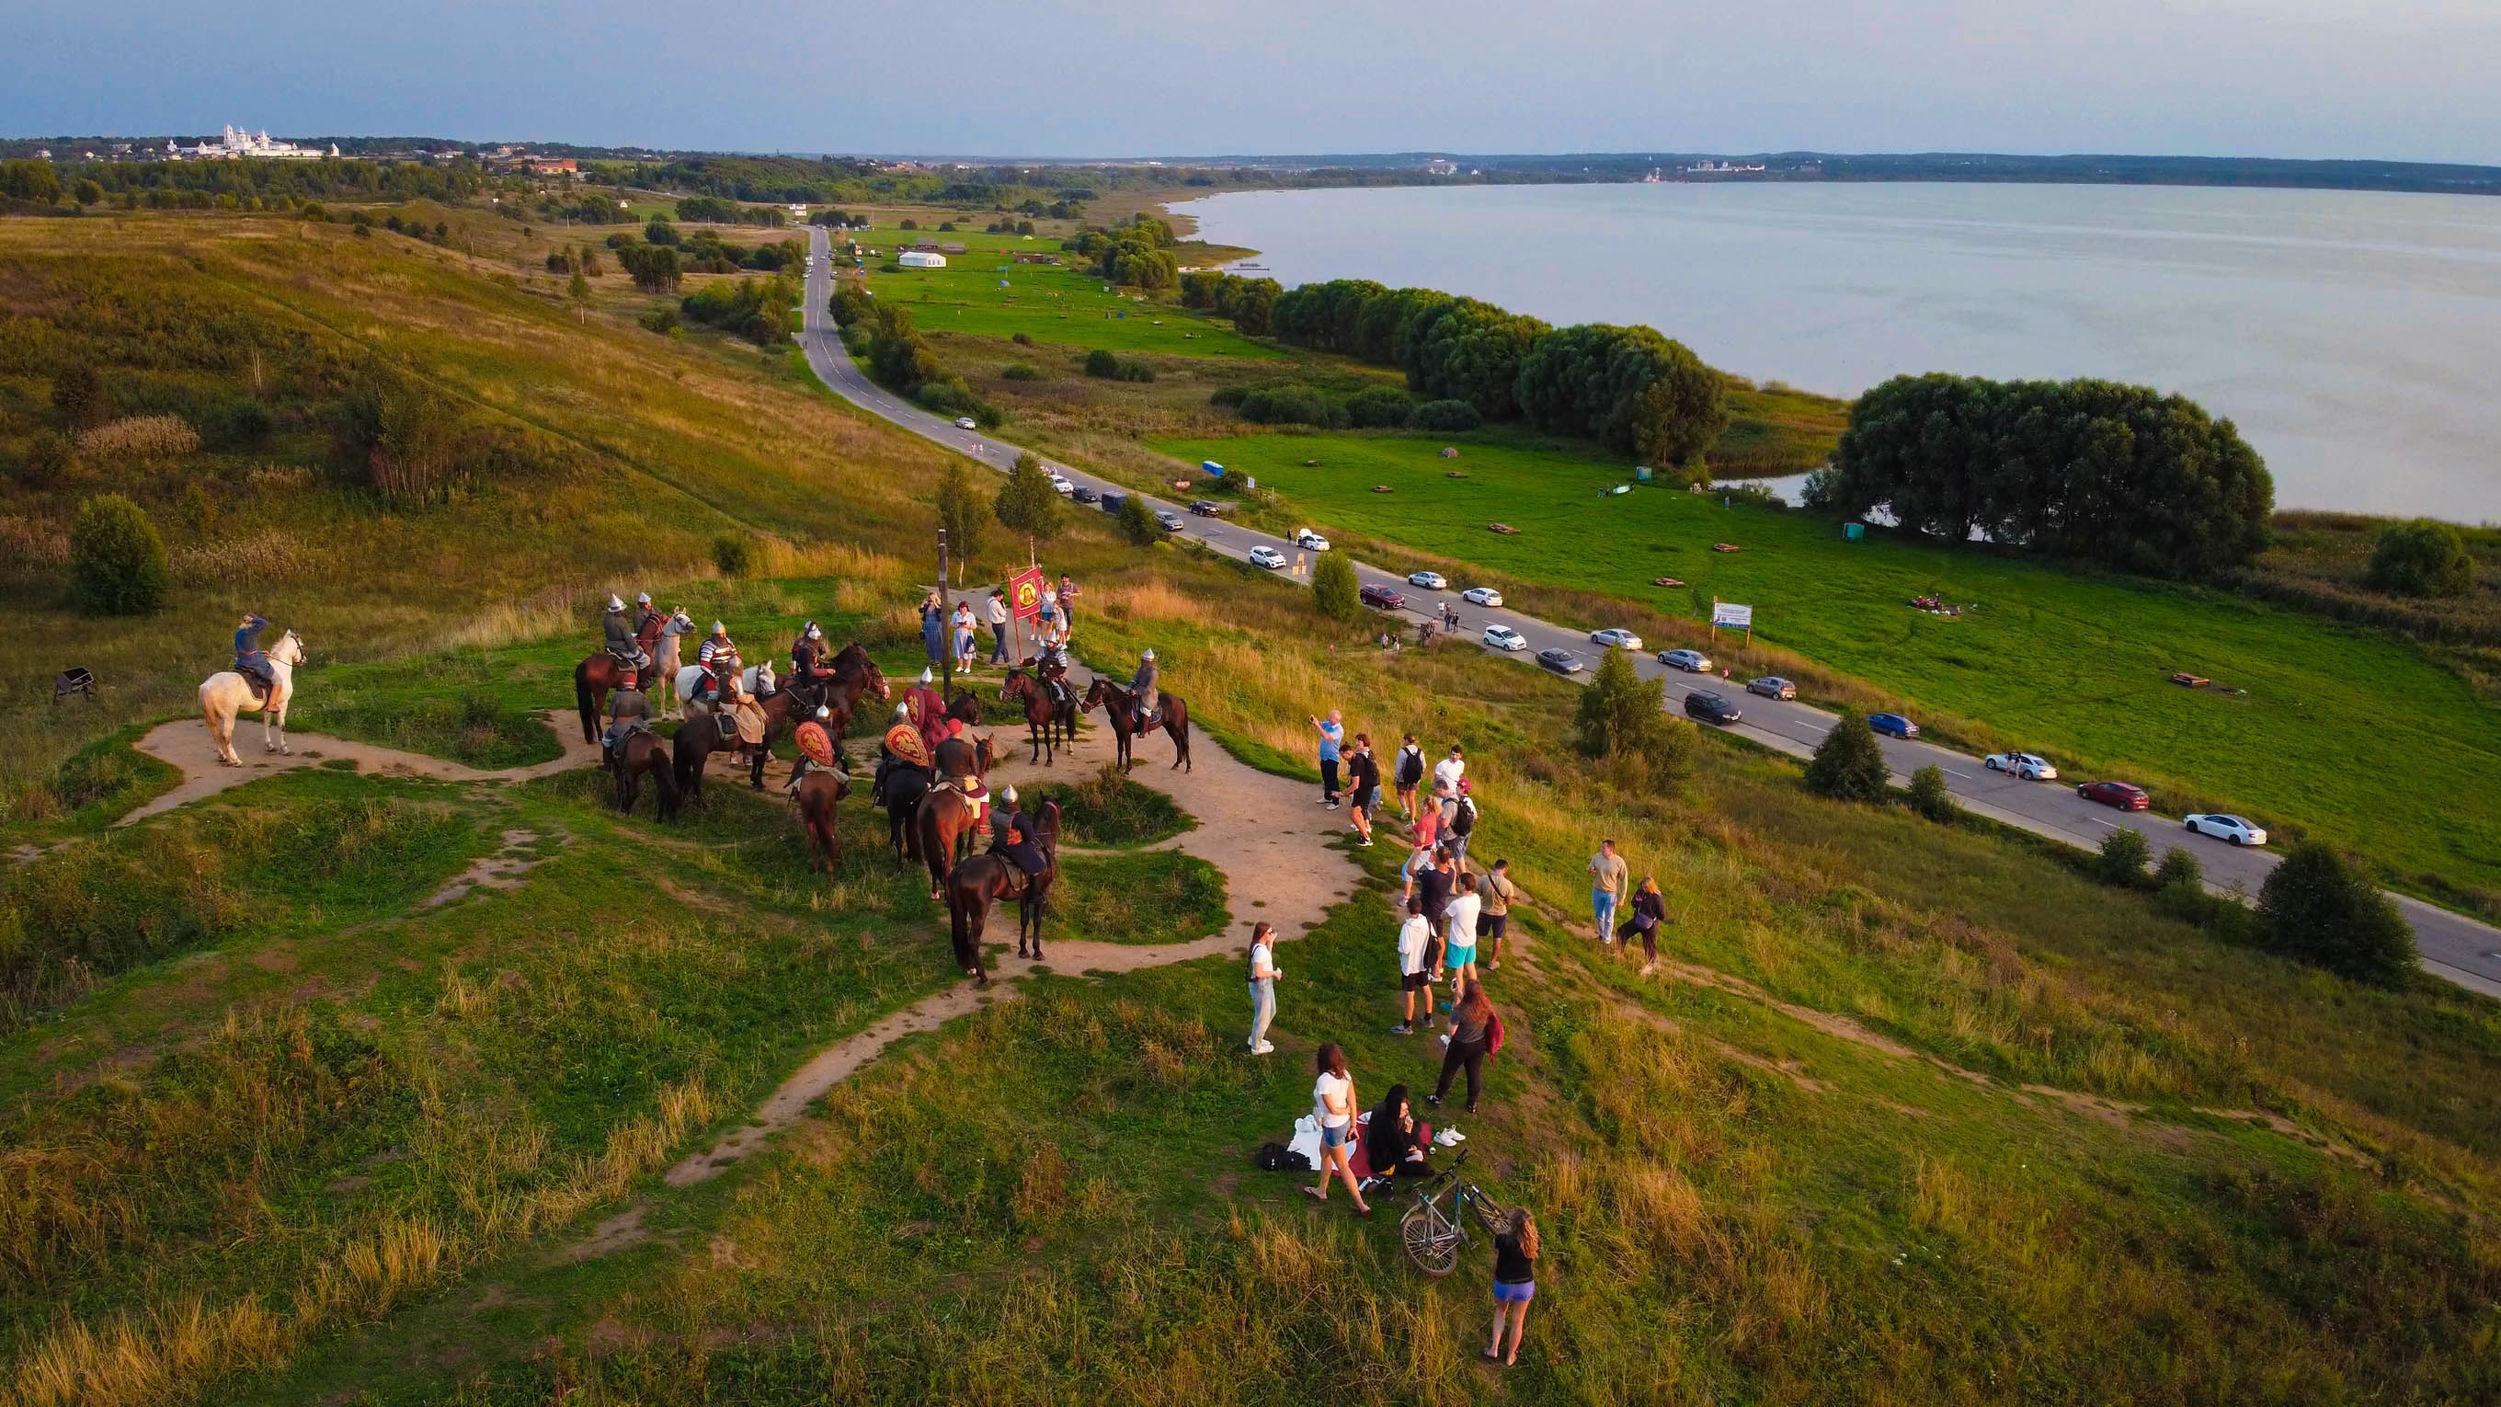 В Ярославской области состоится историческая реконструкция конного похода Александра Невского «Александрова дорога»